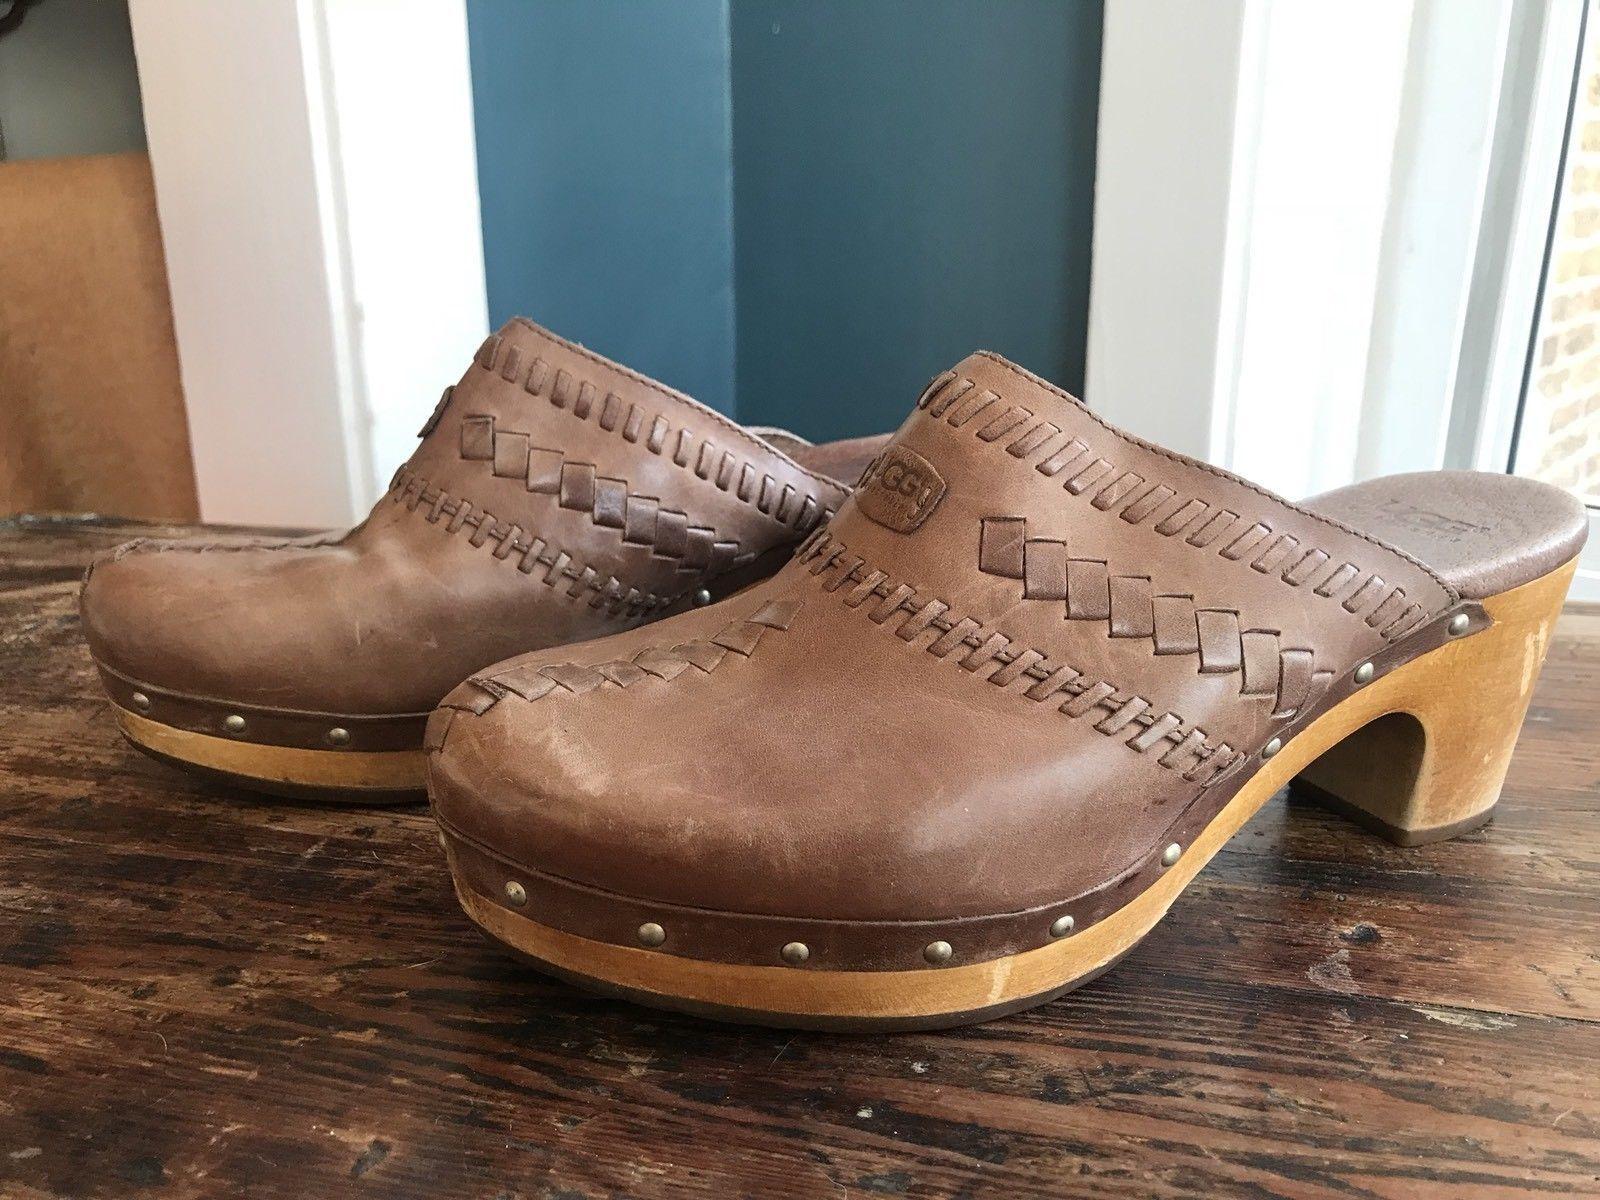 ugg evera w 1888 sneakers sand wood rh rhythm gate com